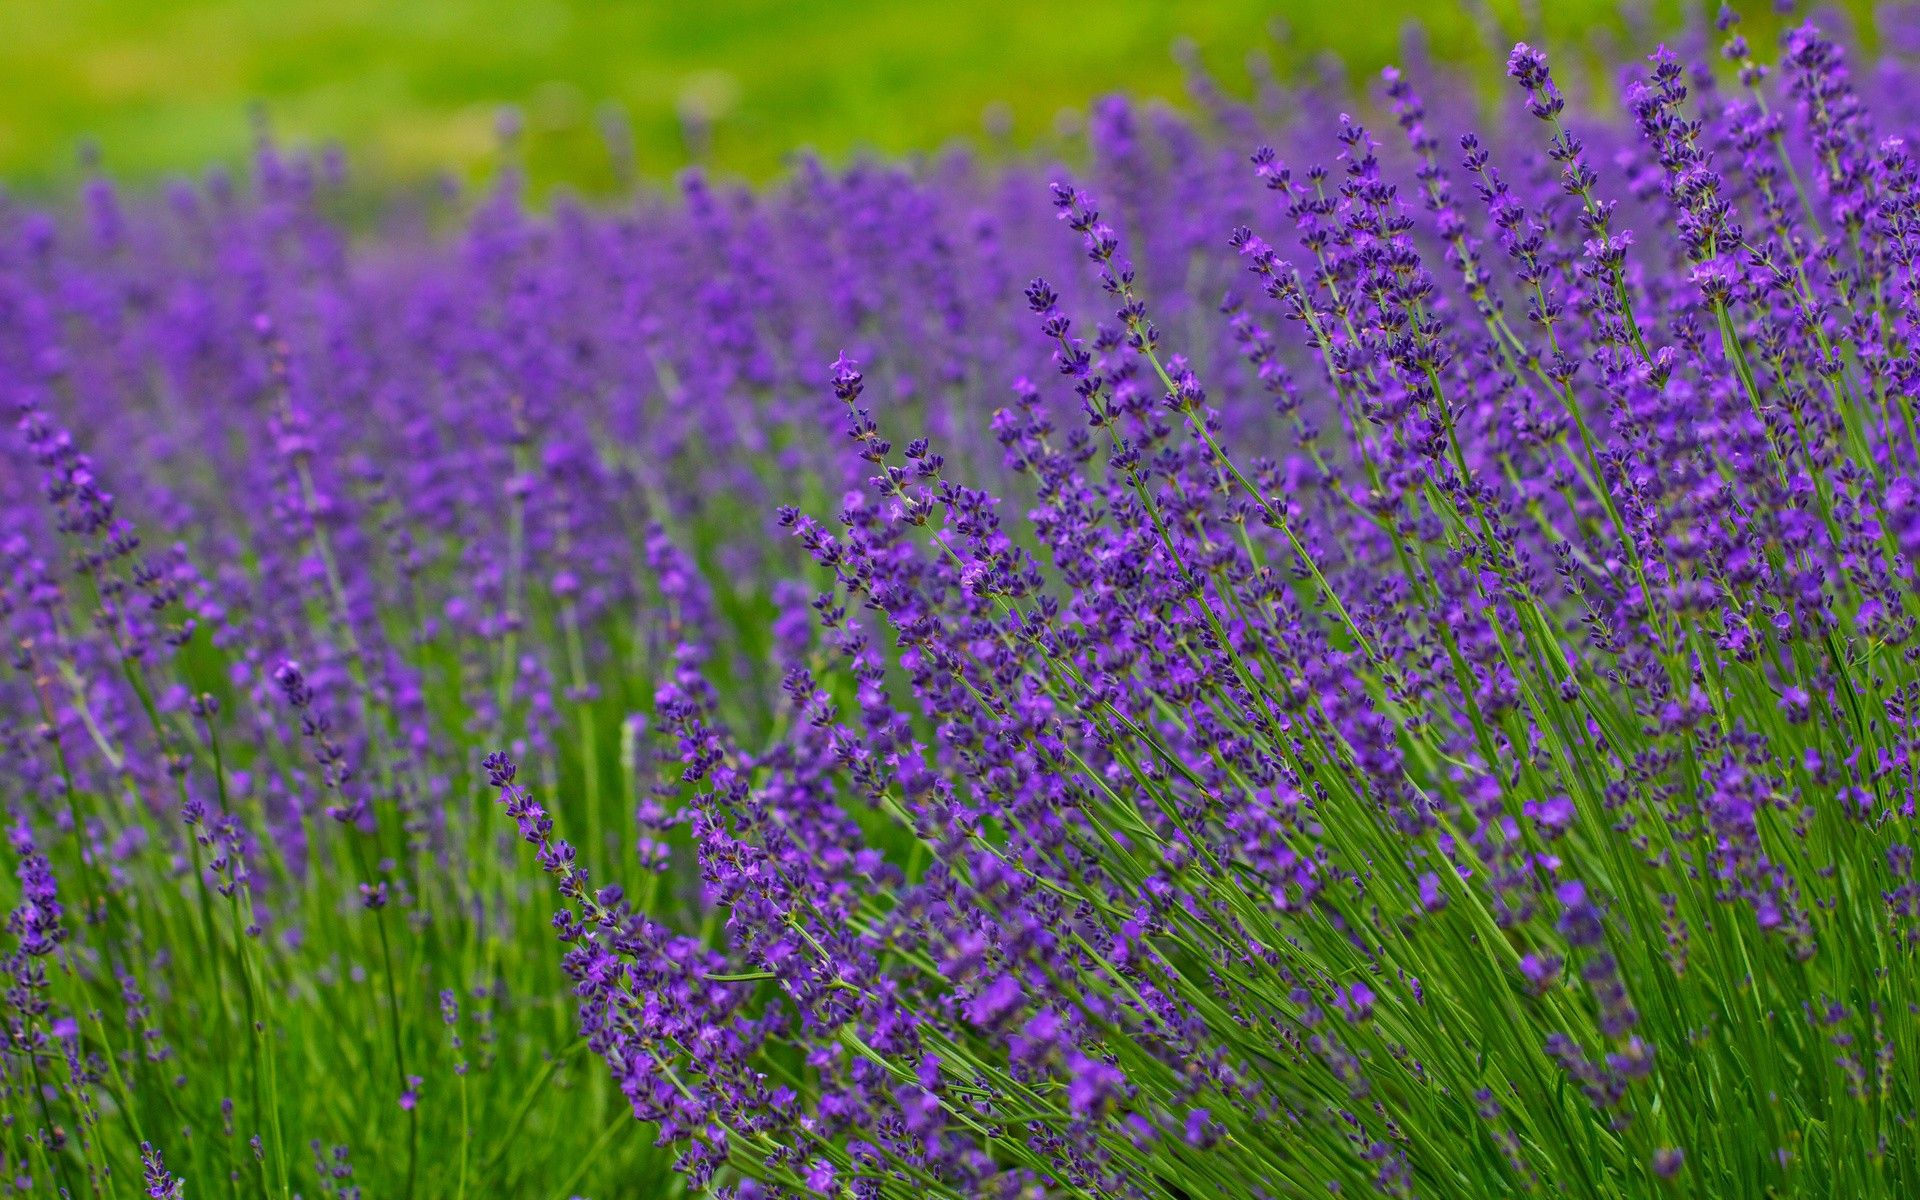 lavender field hd desktop - photo #14